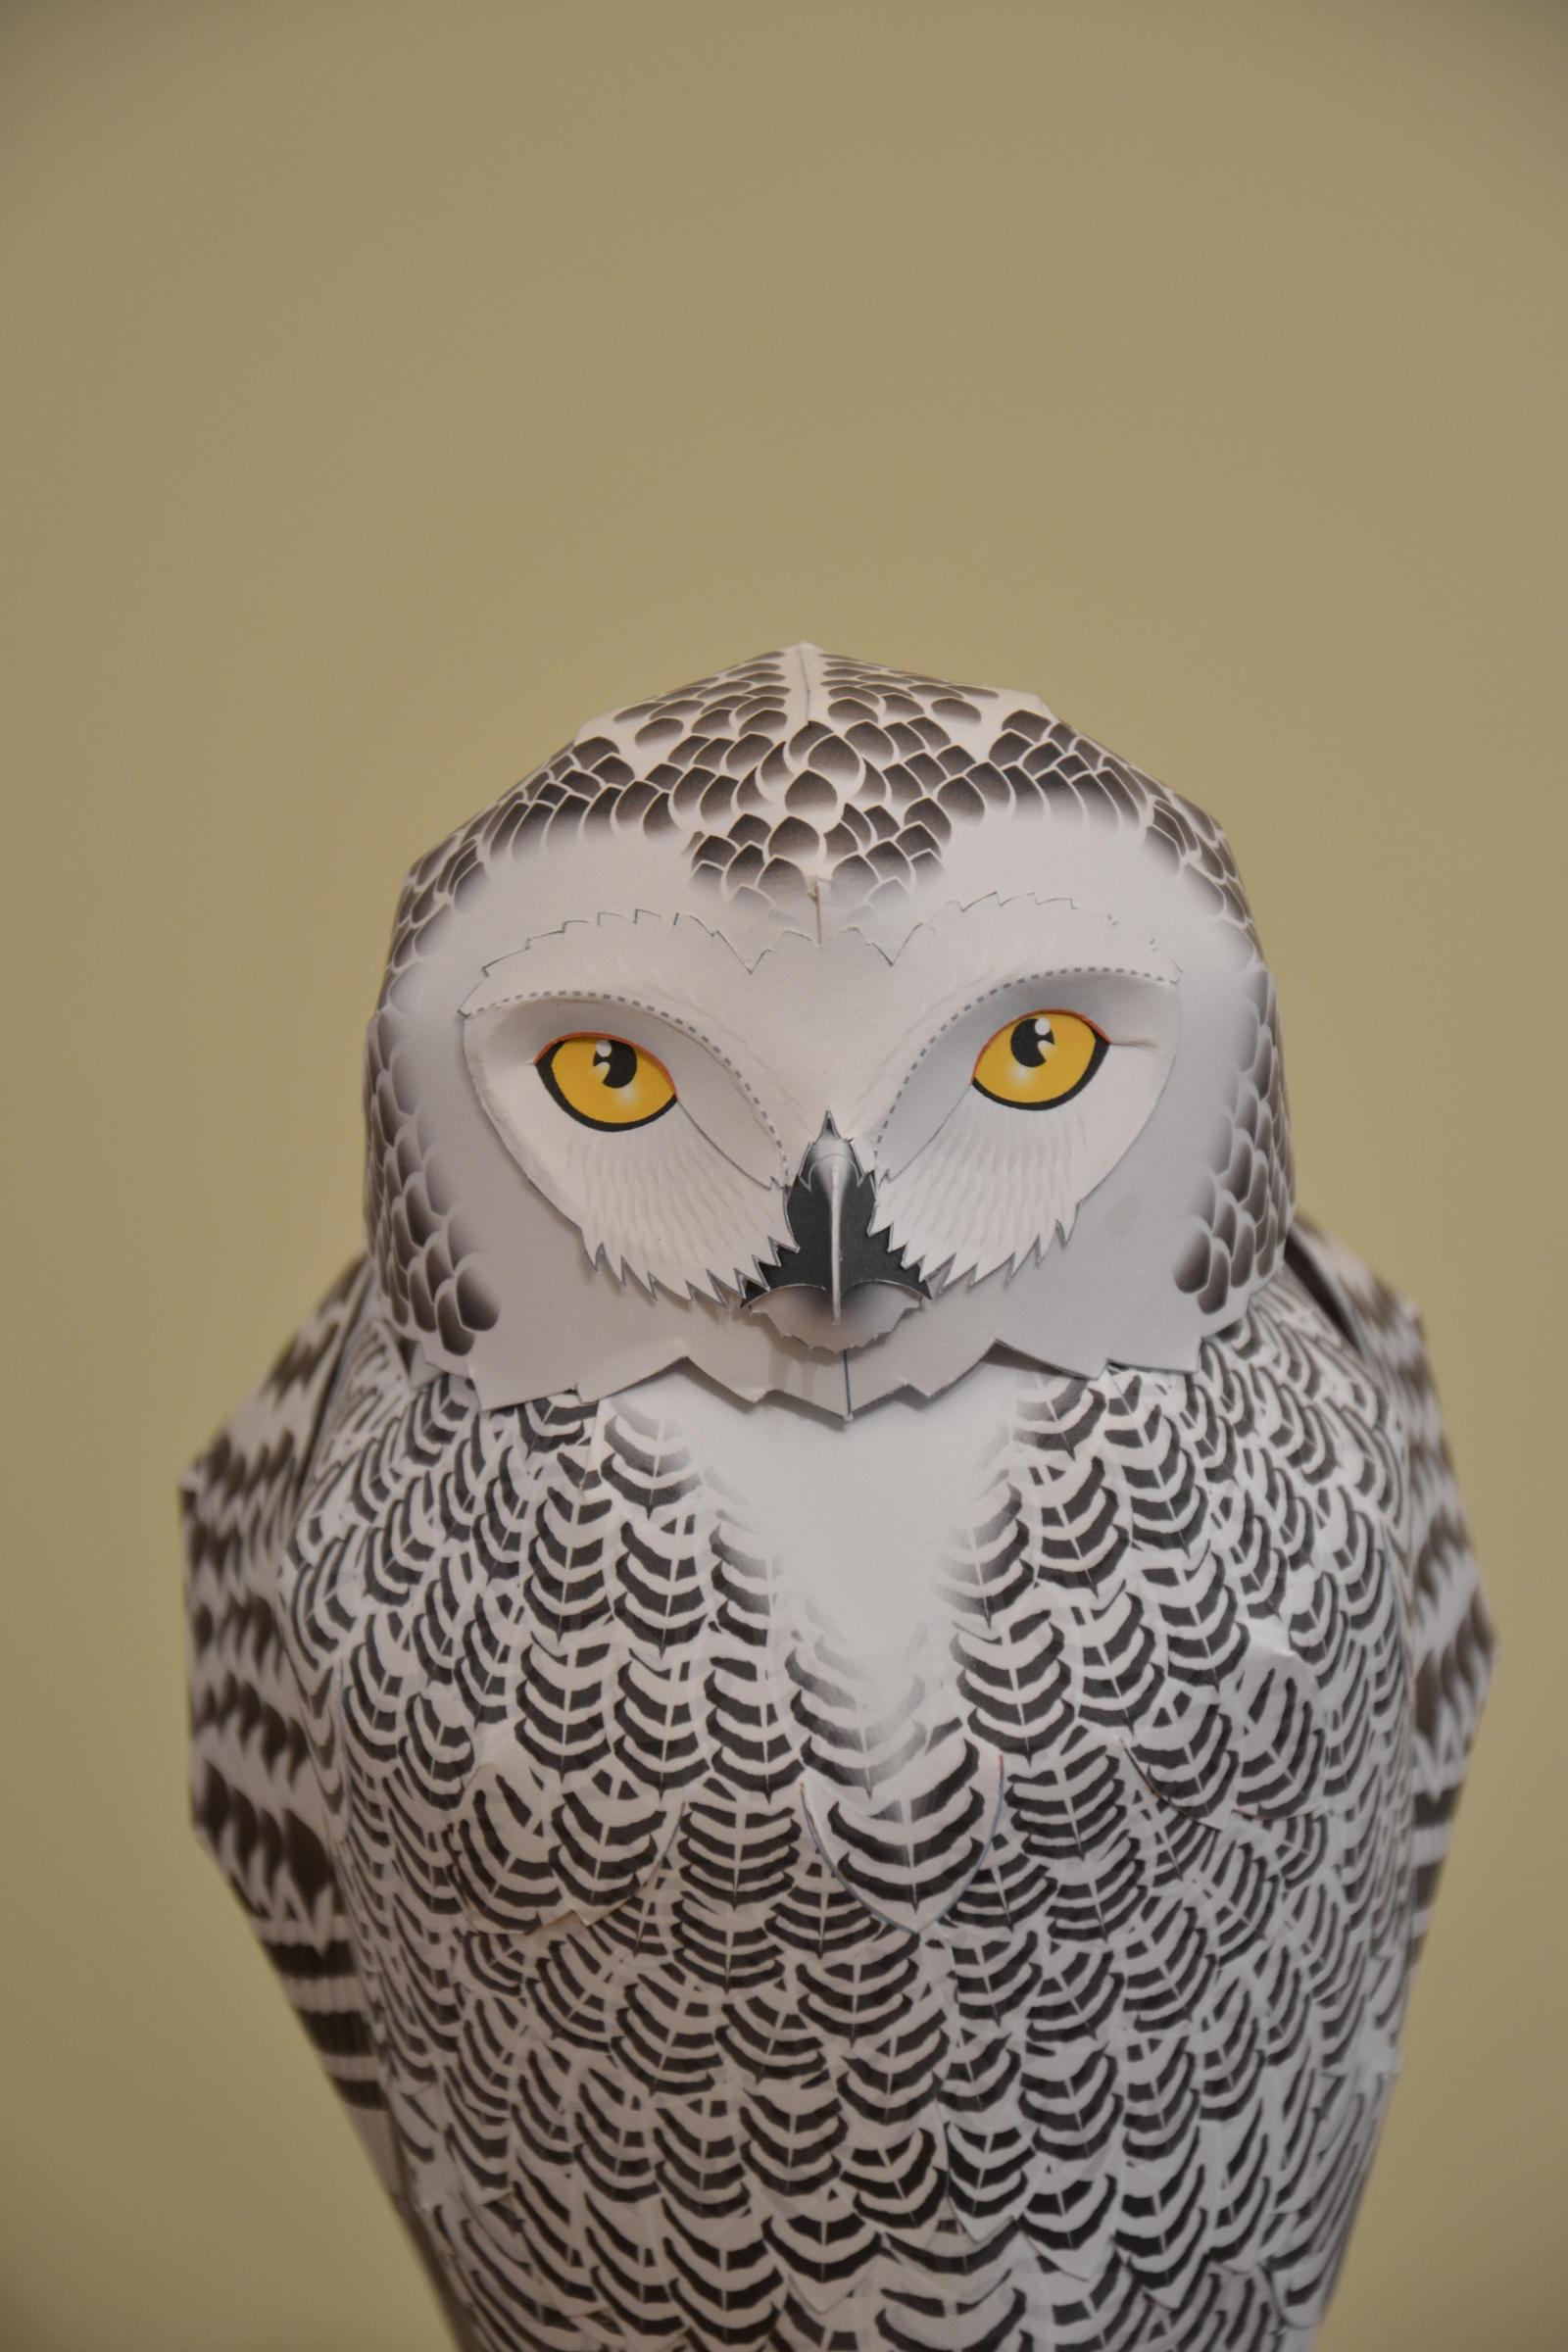 Canon creative park snowy owl by radoslawkamil on deviantart canon creative park snowy owl by radoslawkamil jeuxipadfo Choice Image